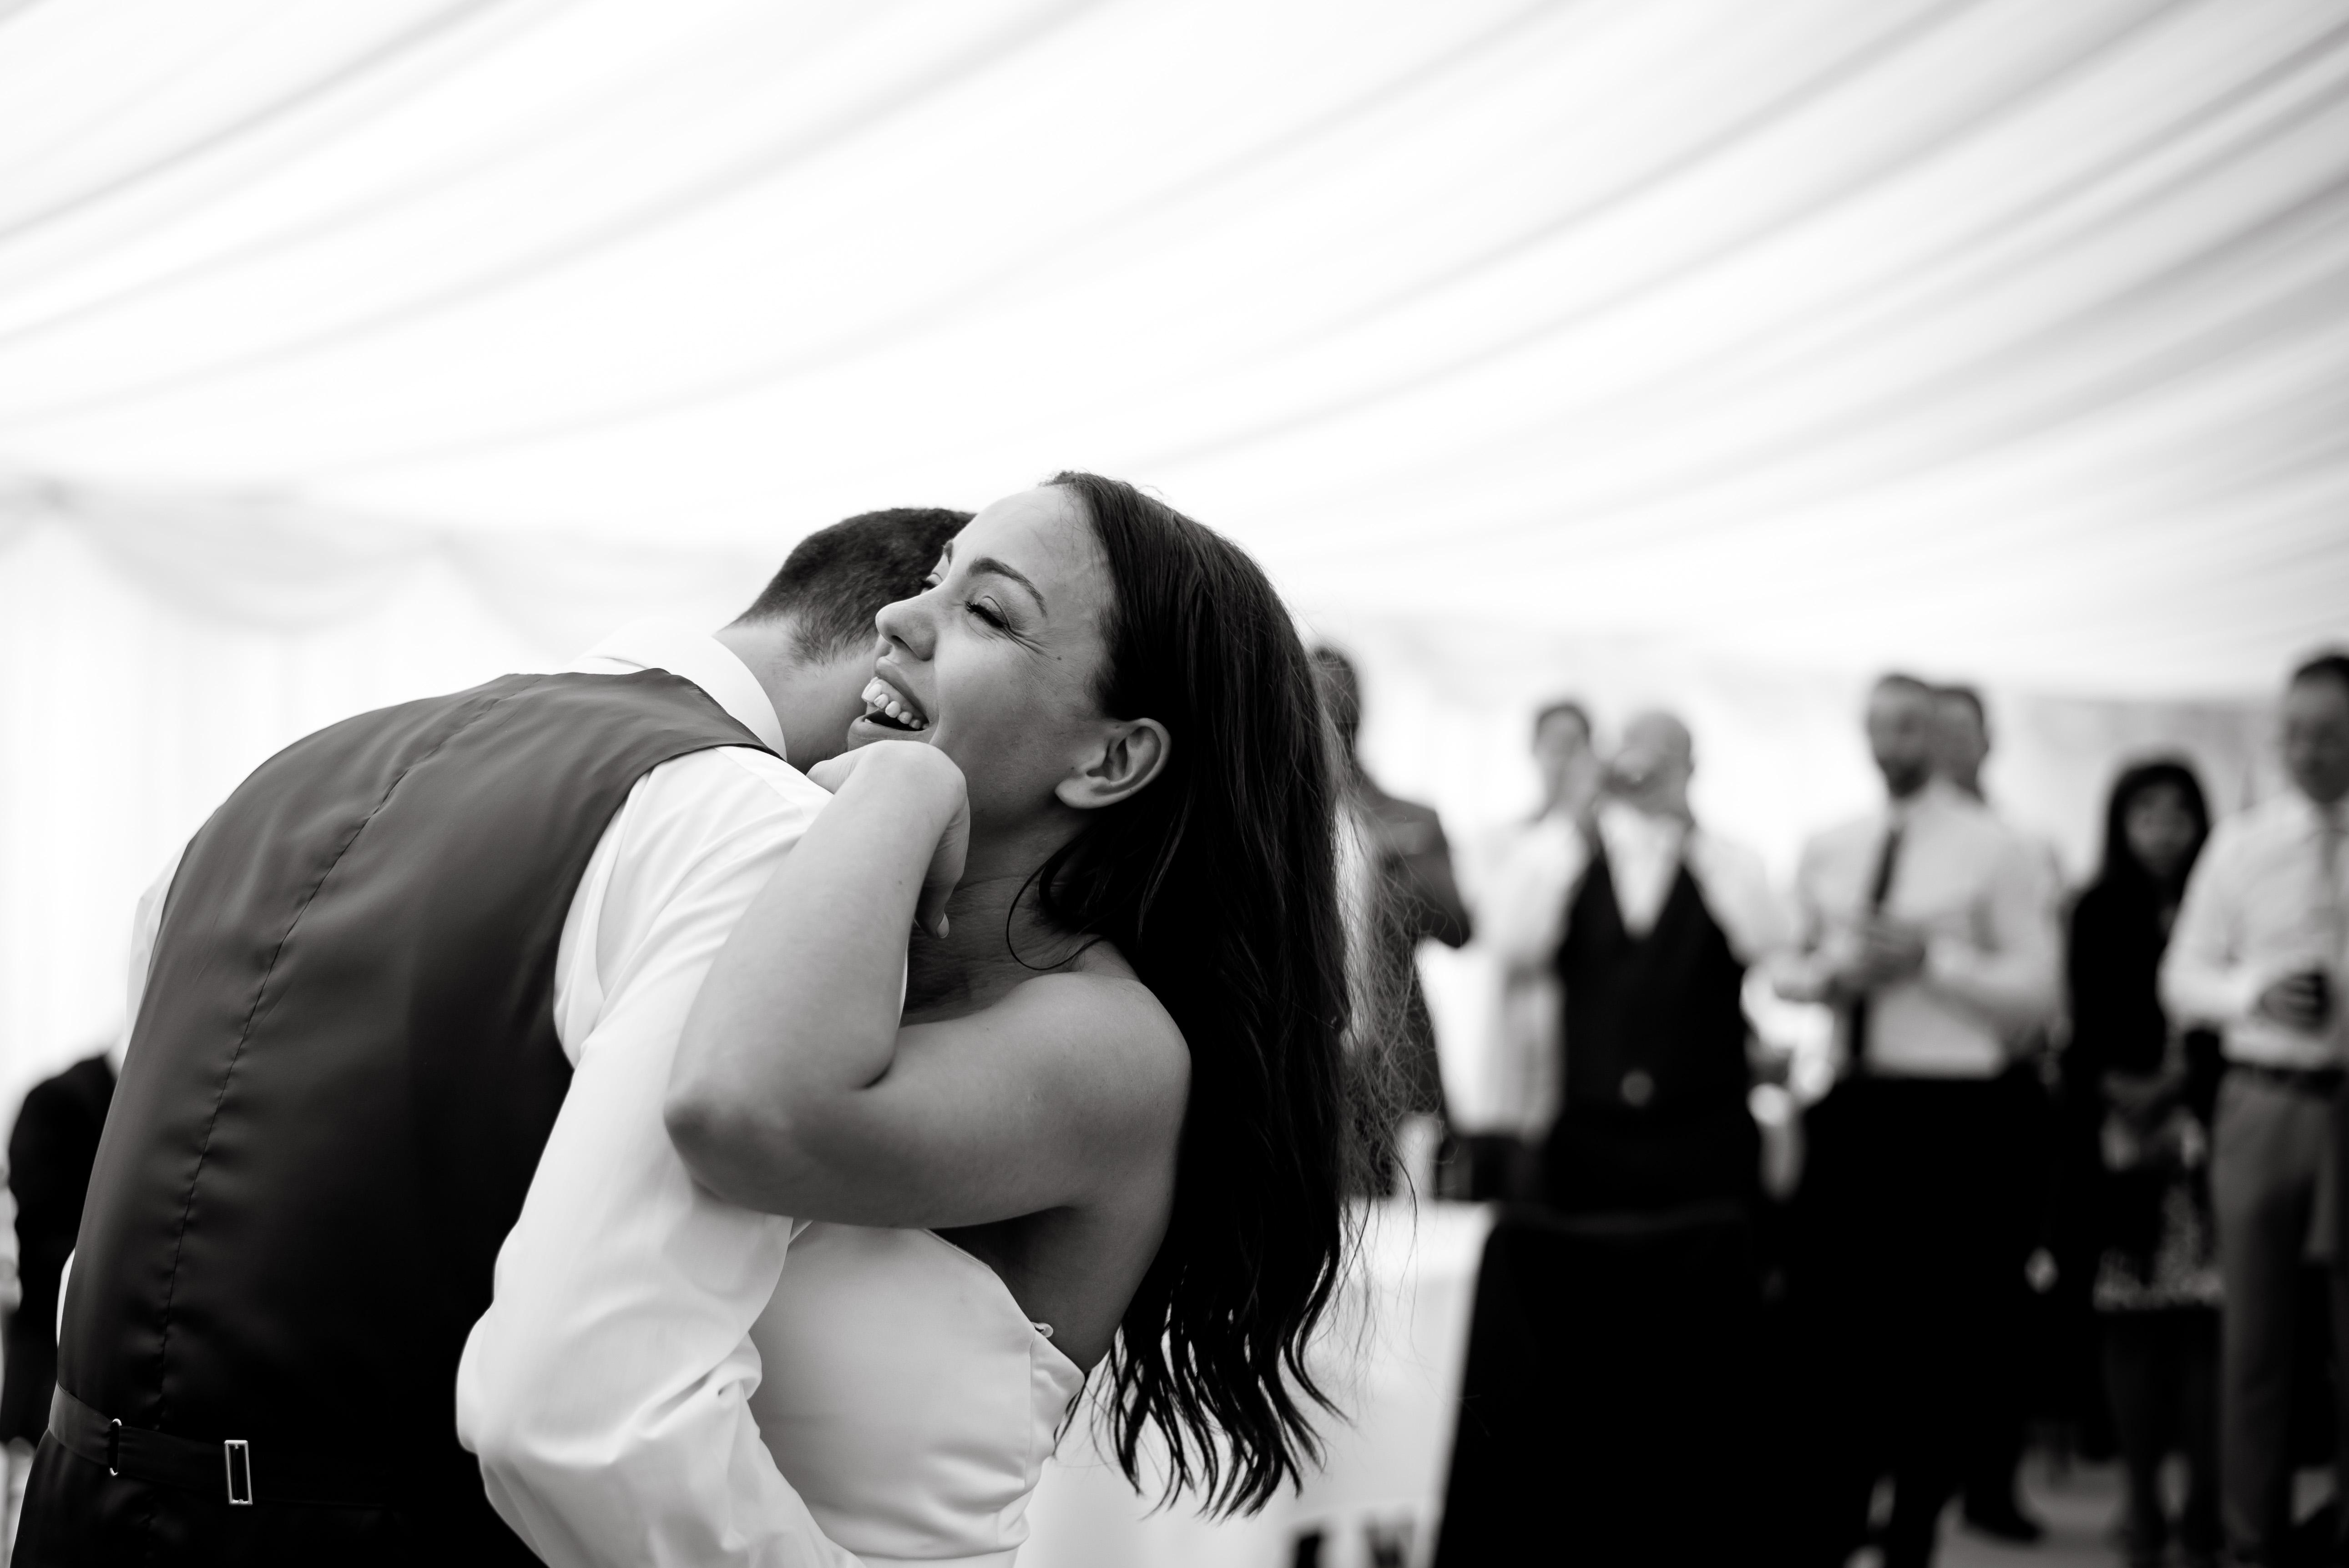 Wedding Photographer Denbighshire. First dance at Bodelwyddan castle wedding